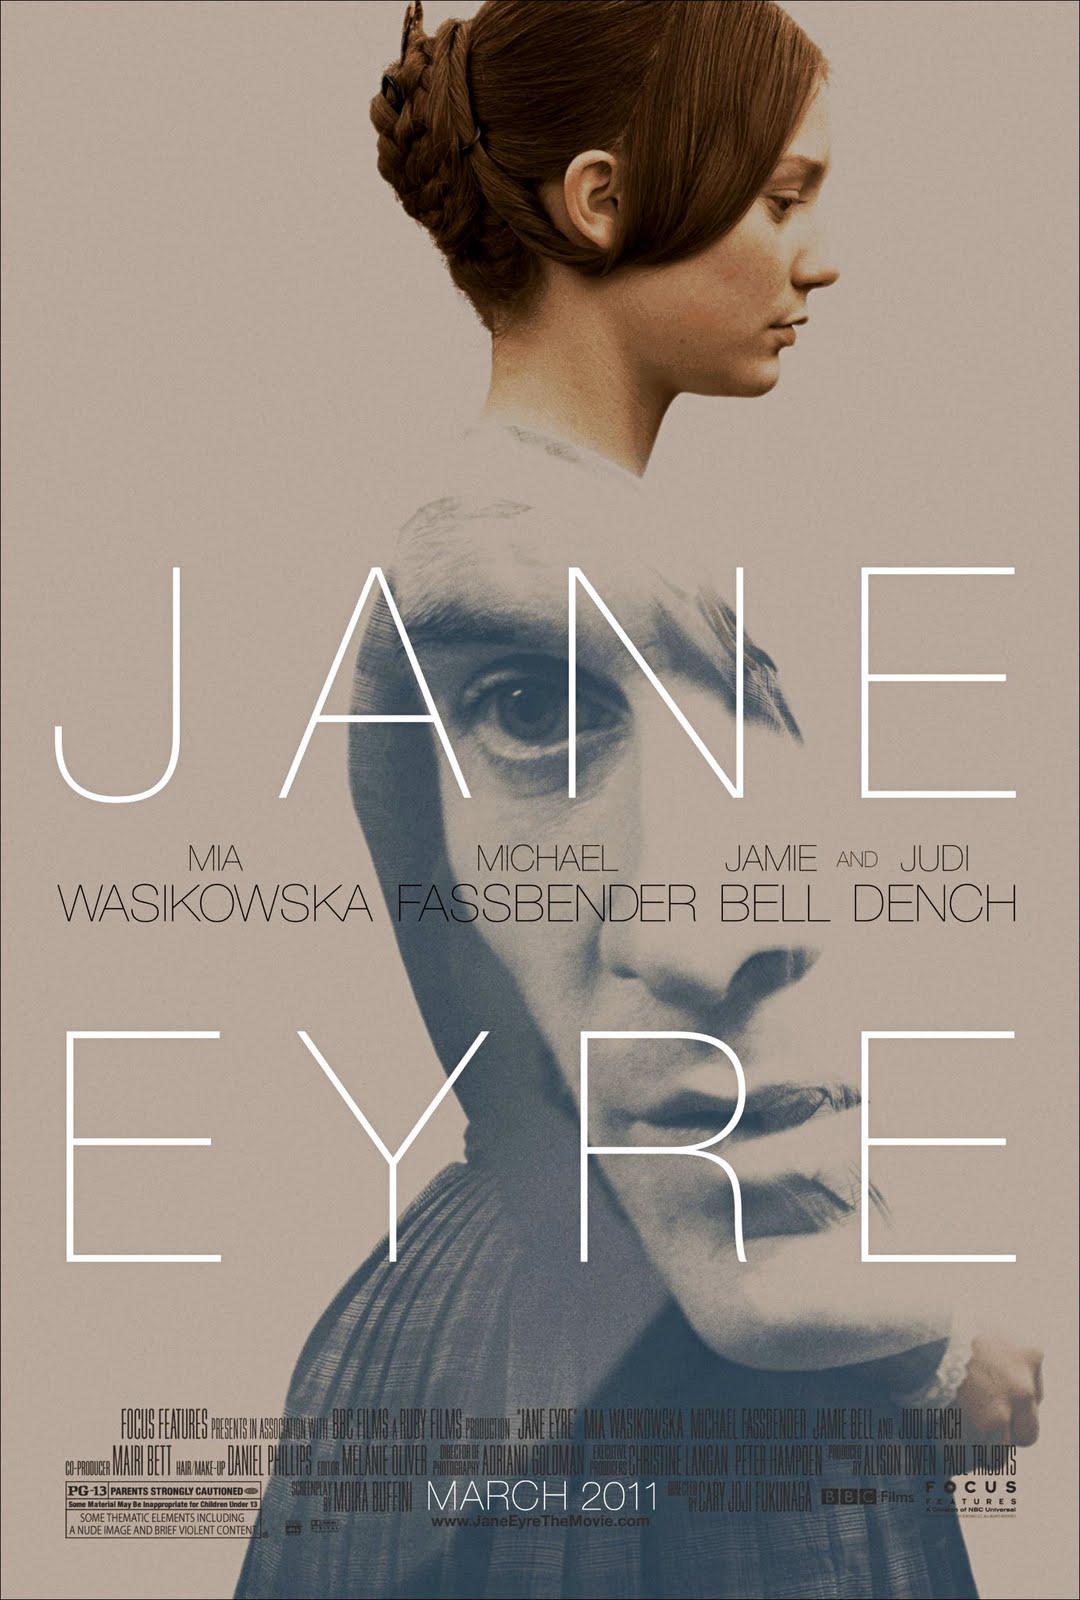 jane_eyre_poster01.jpg